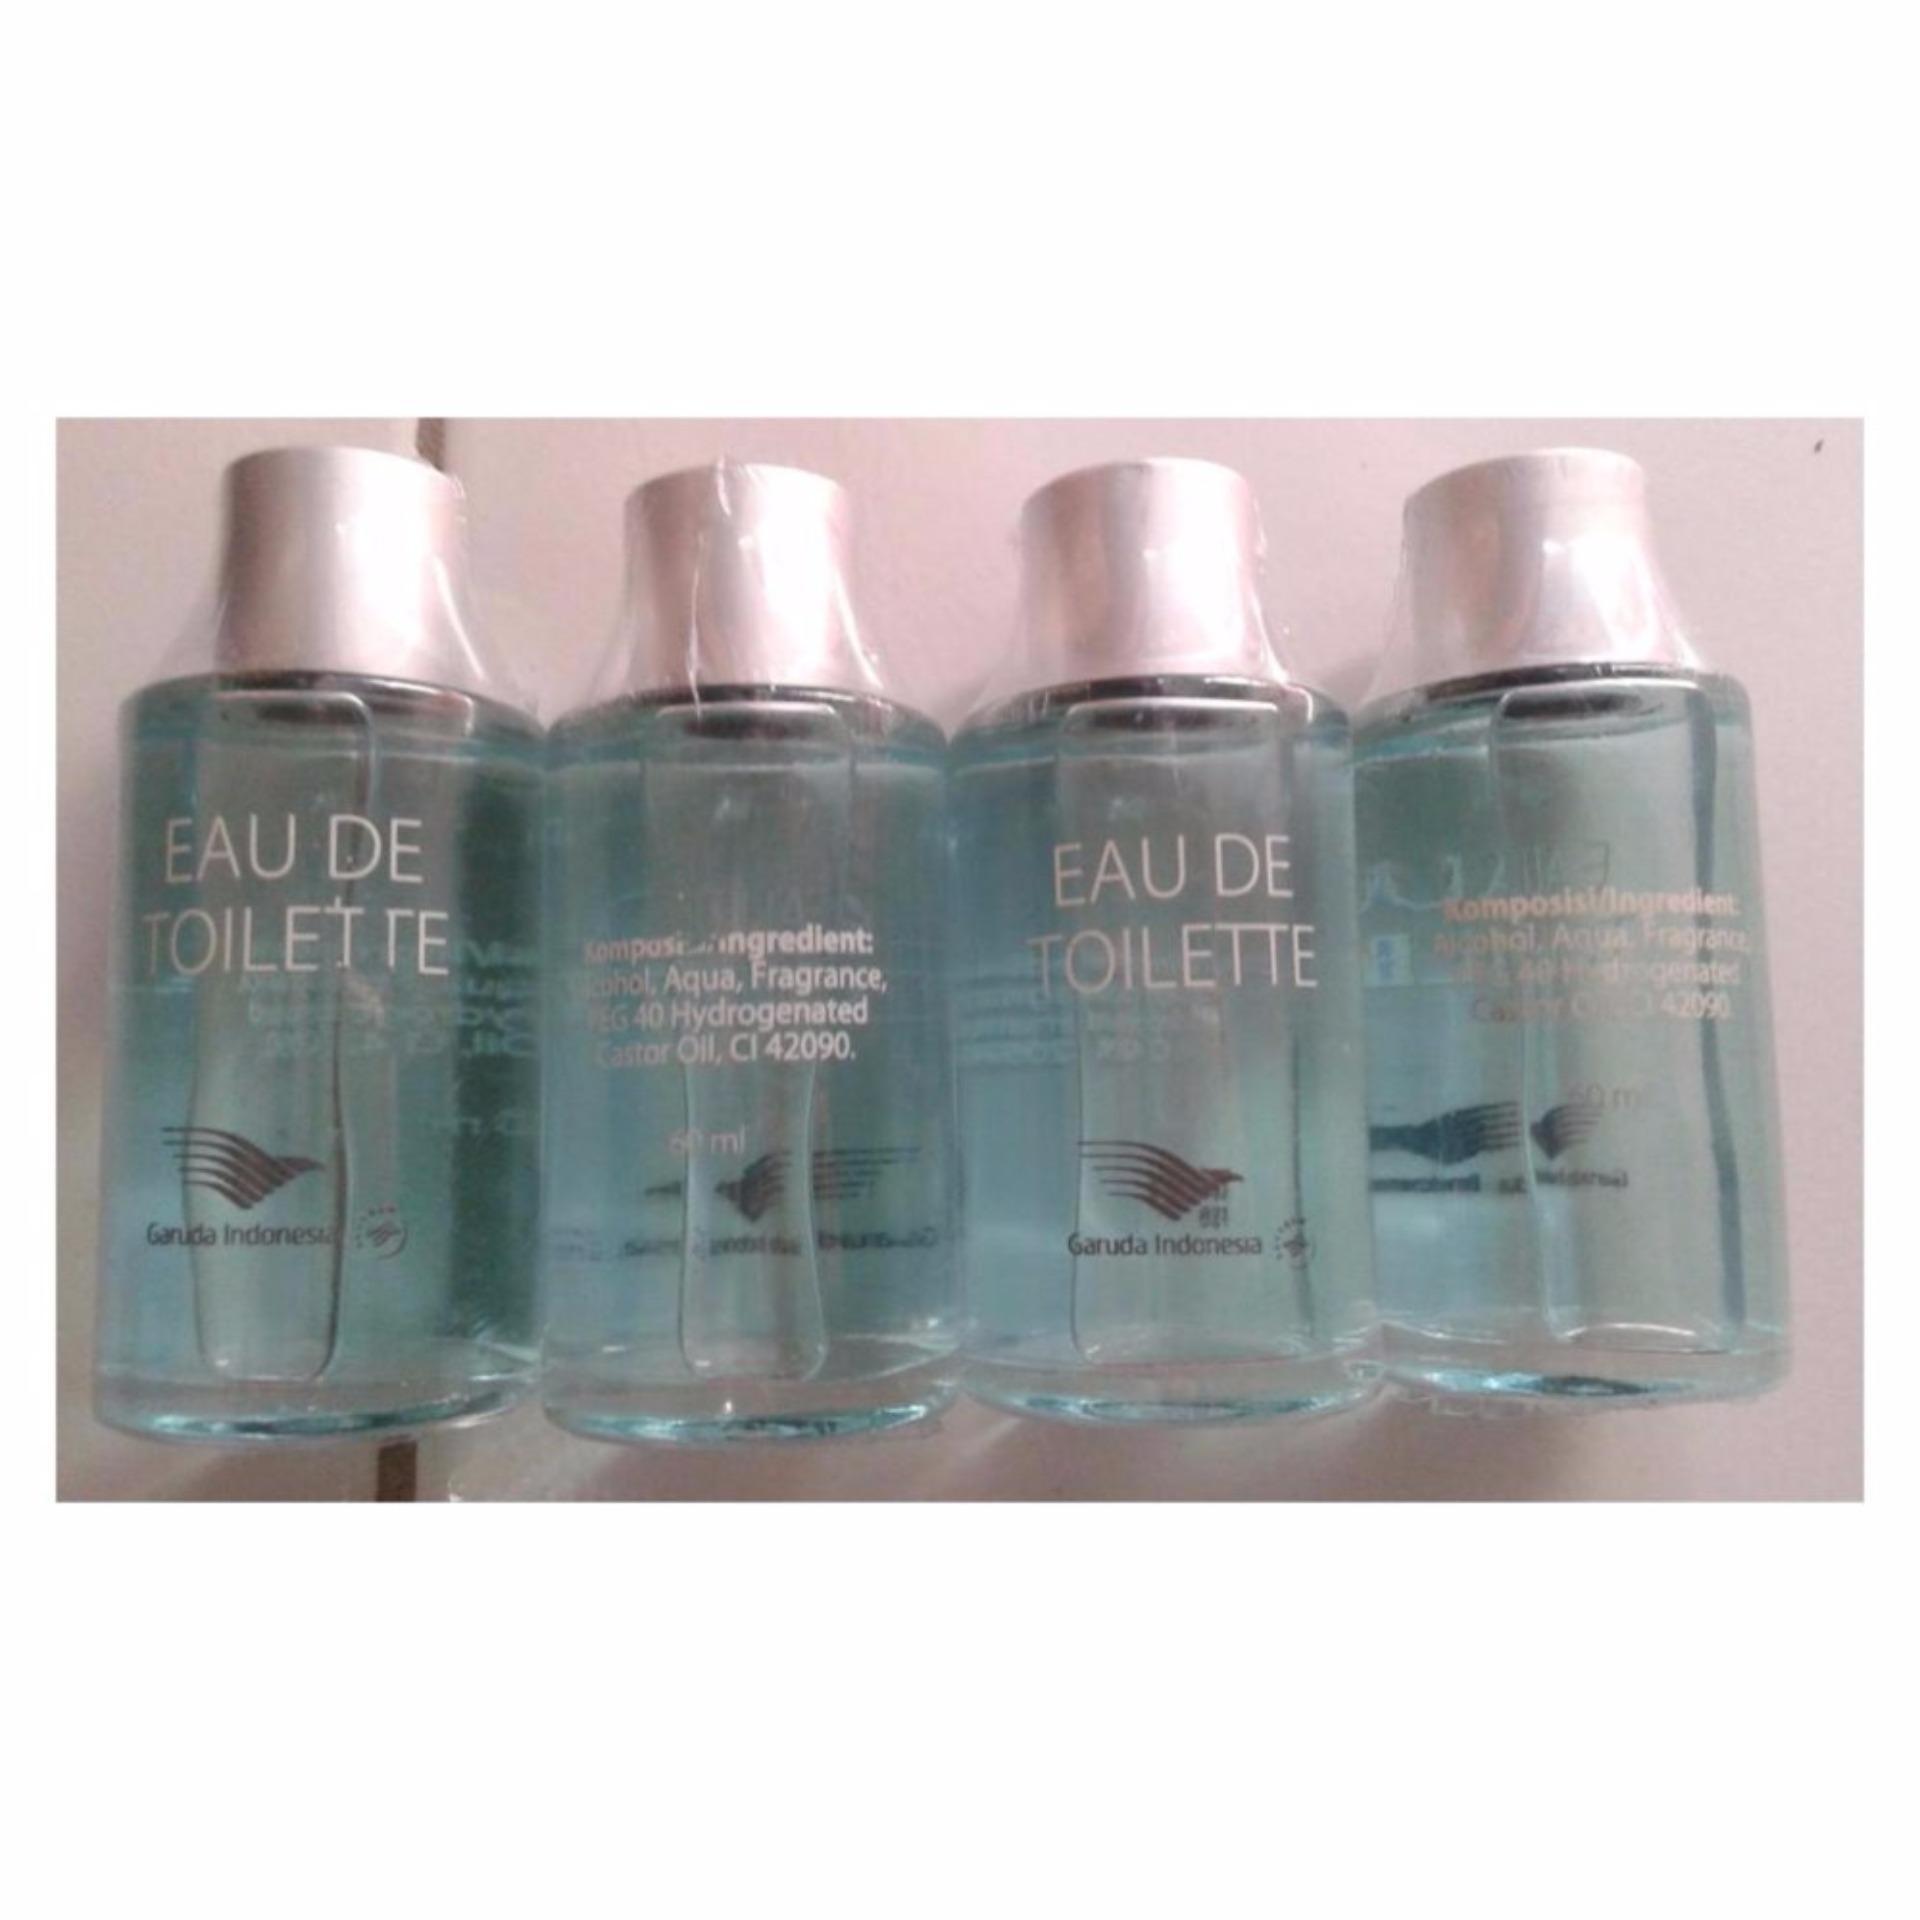 Parfum Eau De Toilette Edt Maskapai Garuda Indonesia 60ml Daftar Unisex Authentic Original Terlaris Best Seller Garudaindonesia